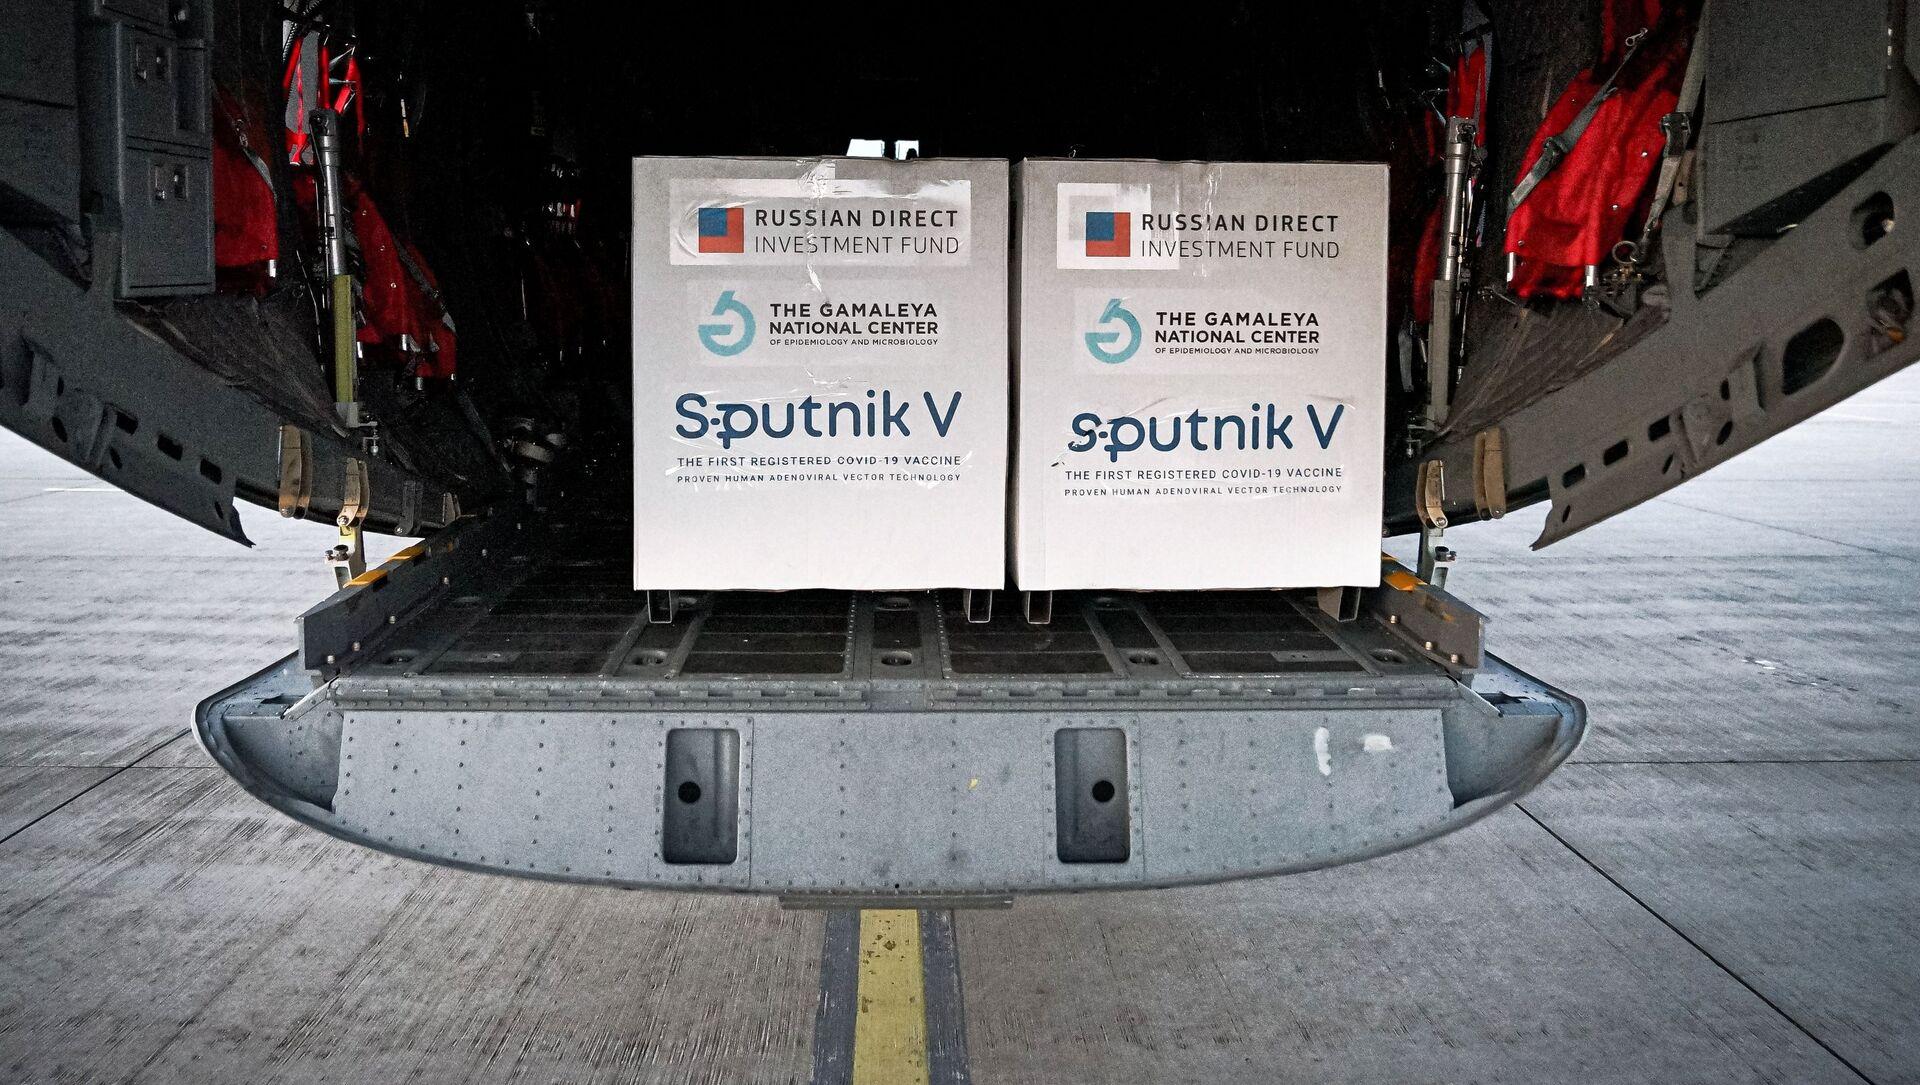 Pierwsza partia rosyjskiej szczepionki Sputnik V przyjechała na Słowację - Sputnik Polska, 1920, 09.03.2021